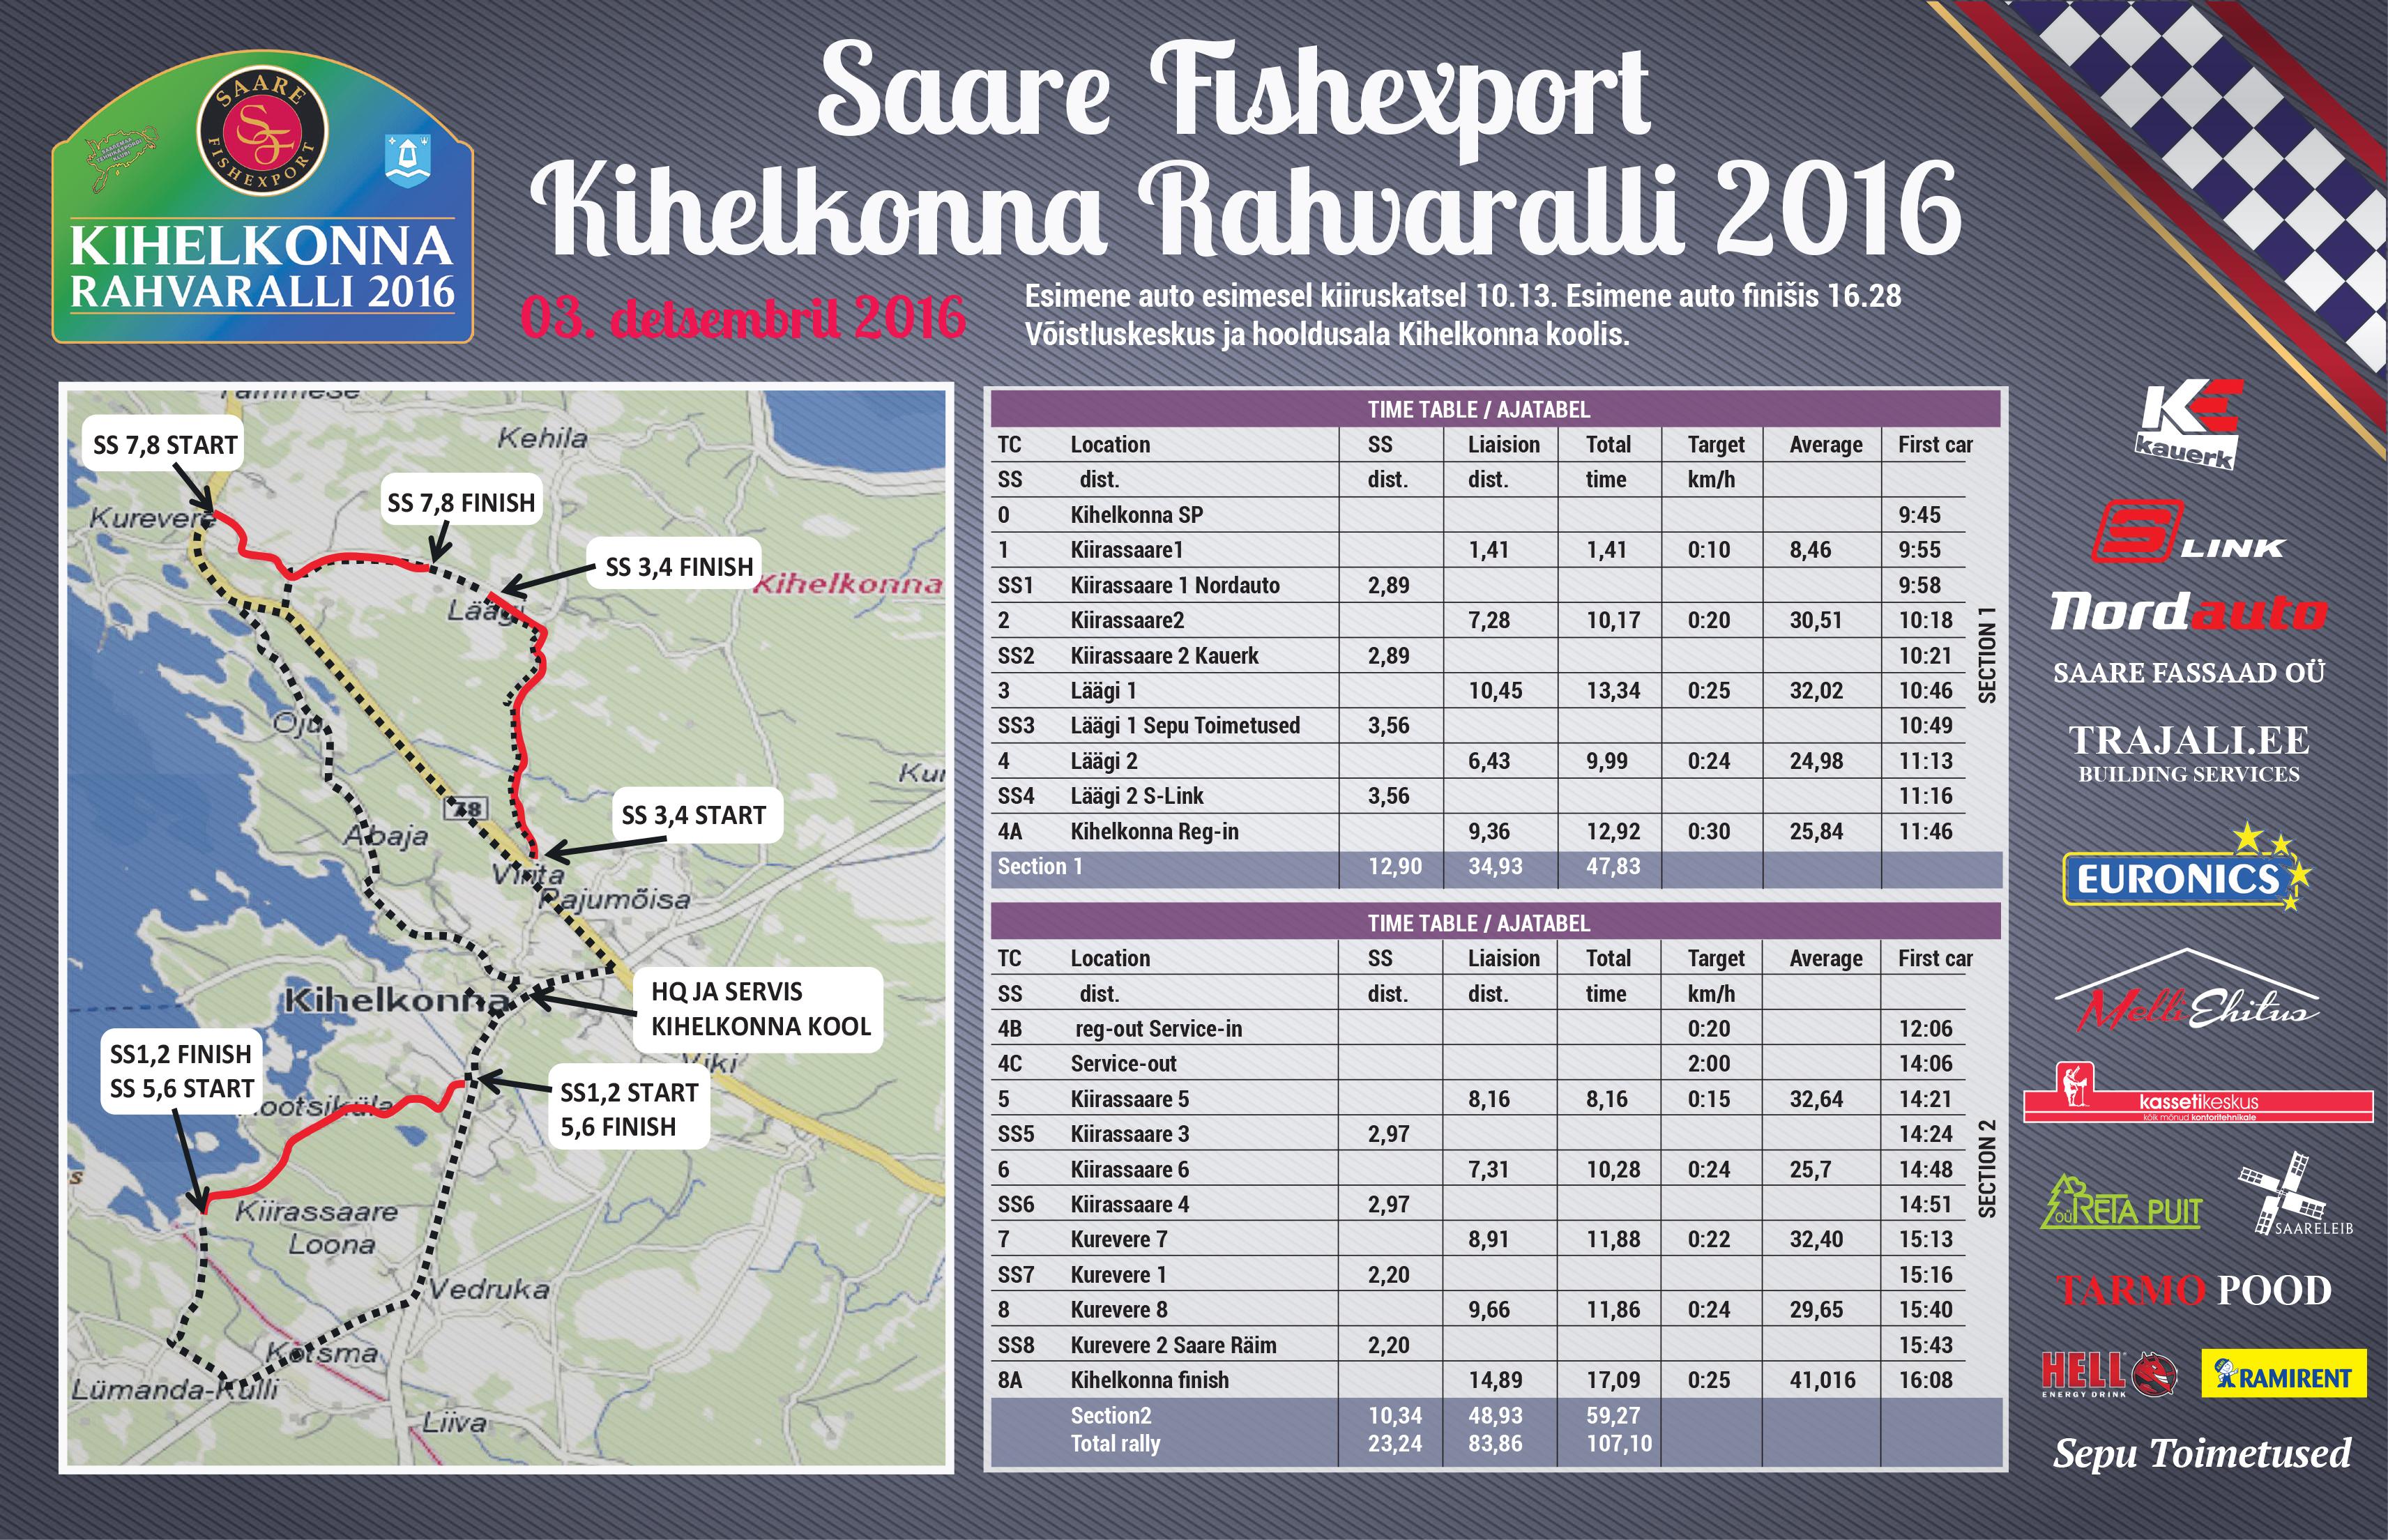 Sel nädalavahetusel sõideti Kihelkonna valla teedel Eesti selle aasta viimane rahvaralli. Kuidas võistlejatel talvistel ralliradadel läks, saab vaadata SIIT! Täpset kaarti katsetest näeballolevalt lingilt! Vaata suuremat kaarti siit!